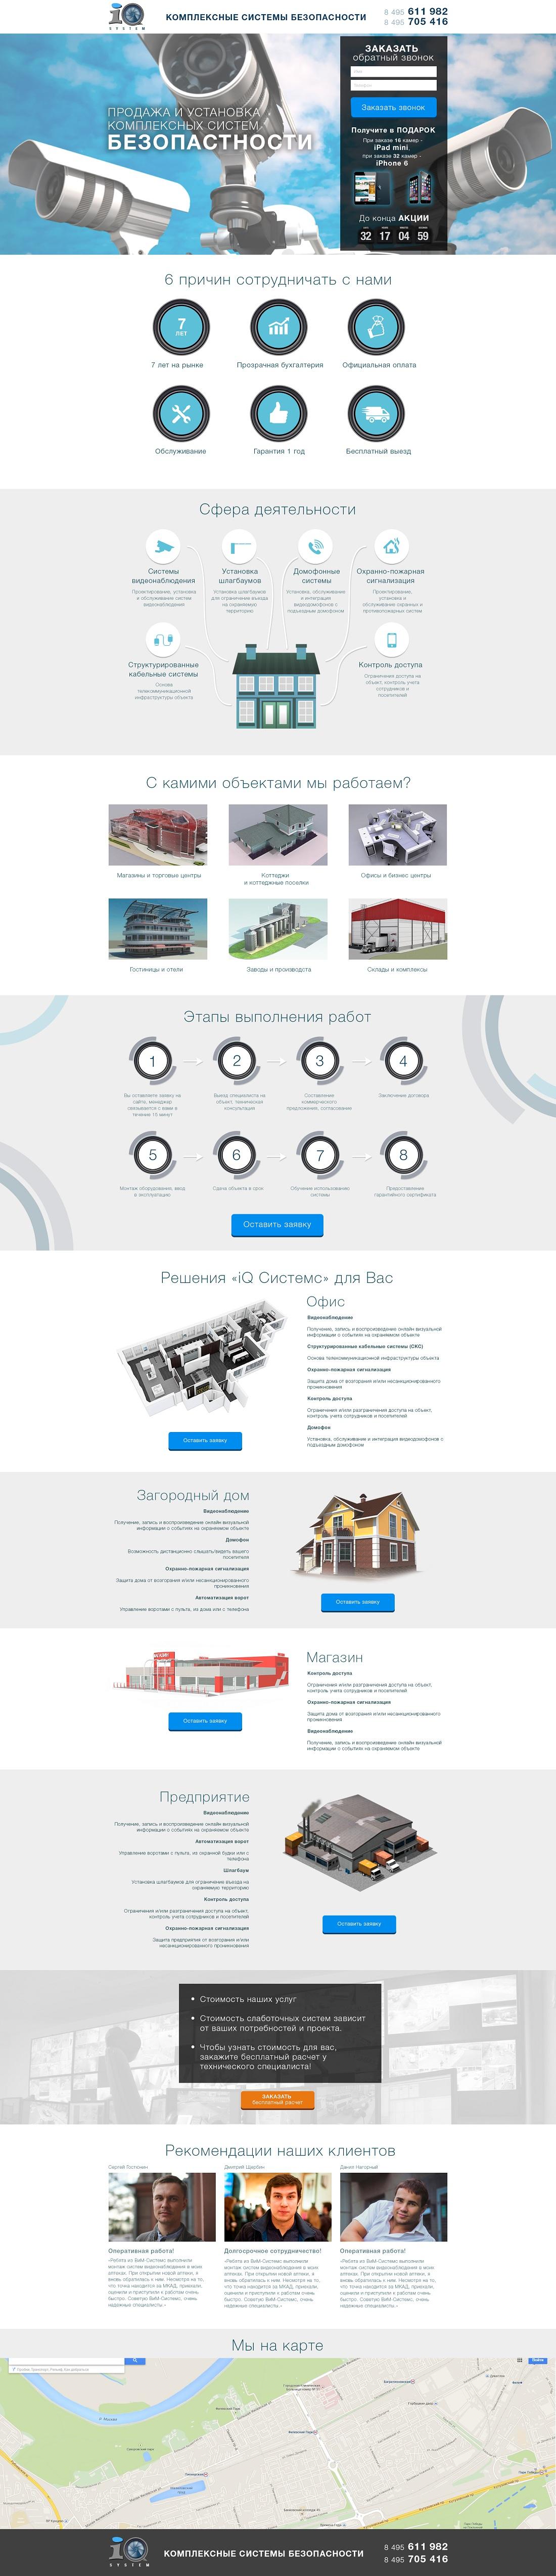 Редизайн сайта компании застройщика фото f_339550fe869c995f.jpg